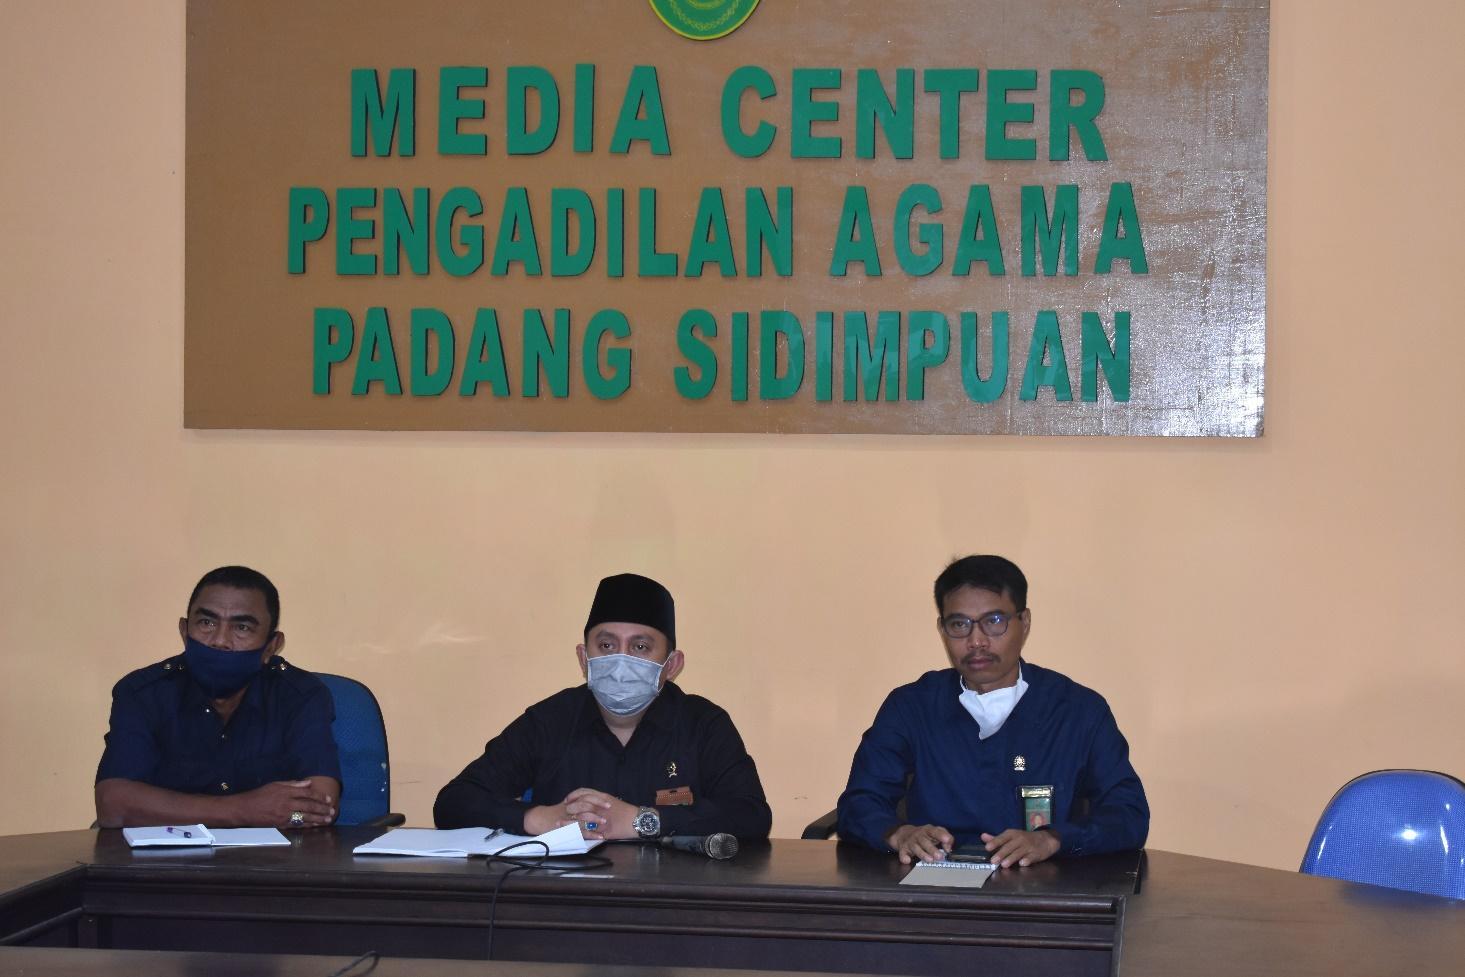 E:\Pengadilan Agama PSP\Draft Berita\Zom Meeting Pembinaan ZI.JPG